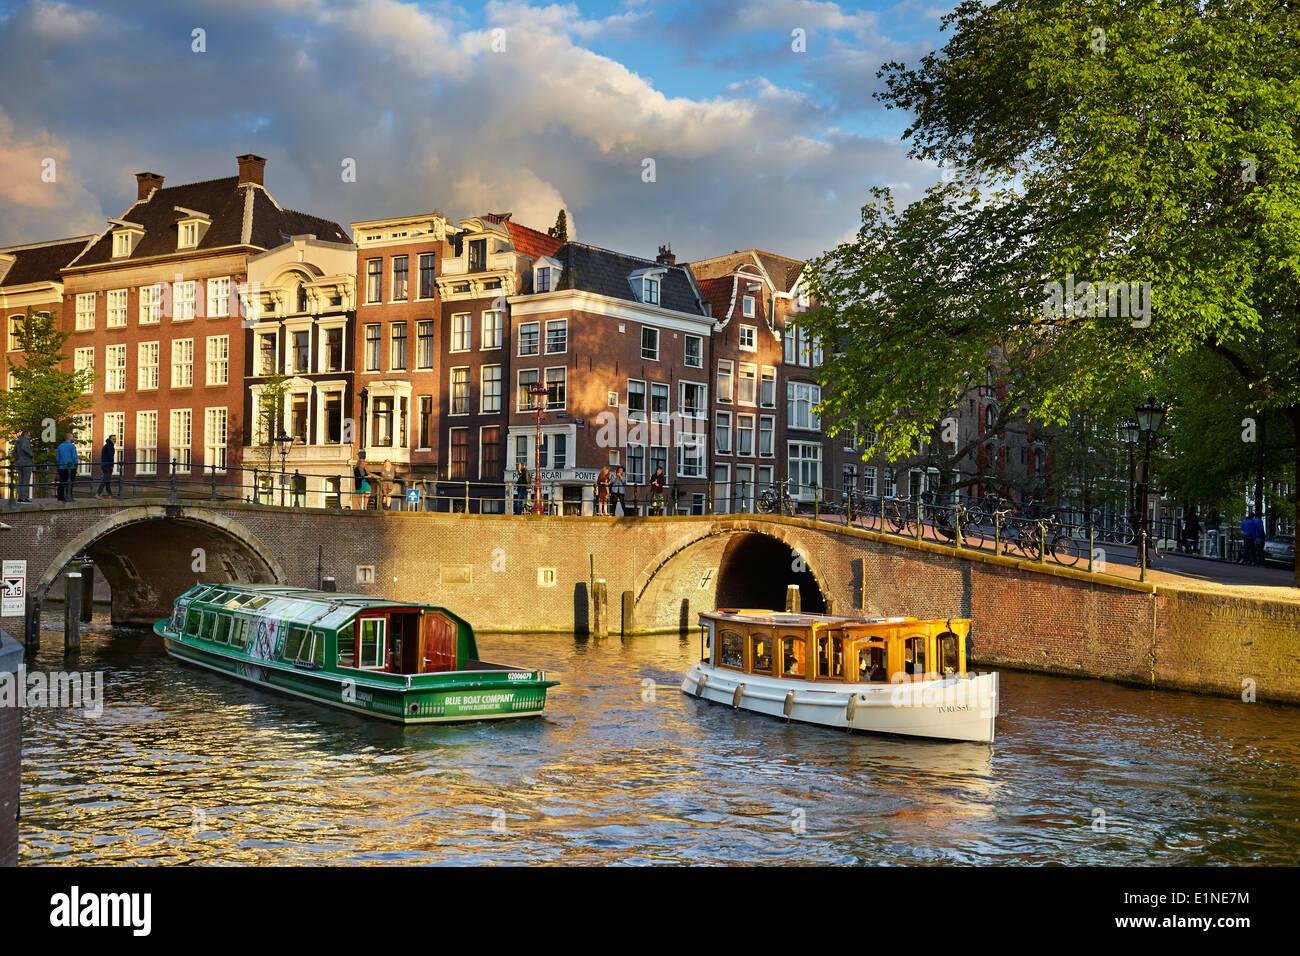 Imbarcazione turistica al canale di Amsterdam - Olanda Paesi Bassi Immagini Stock